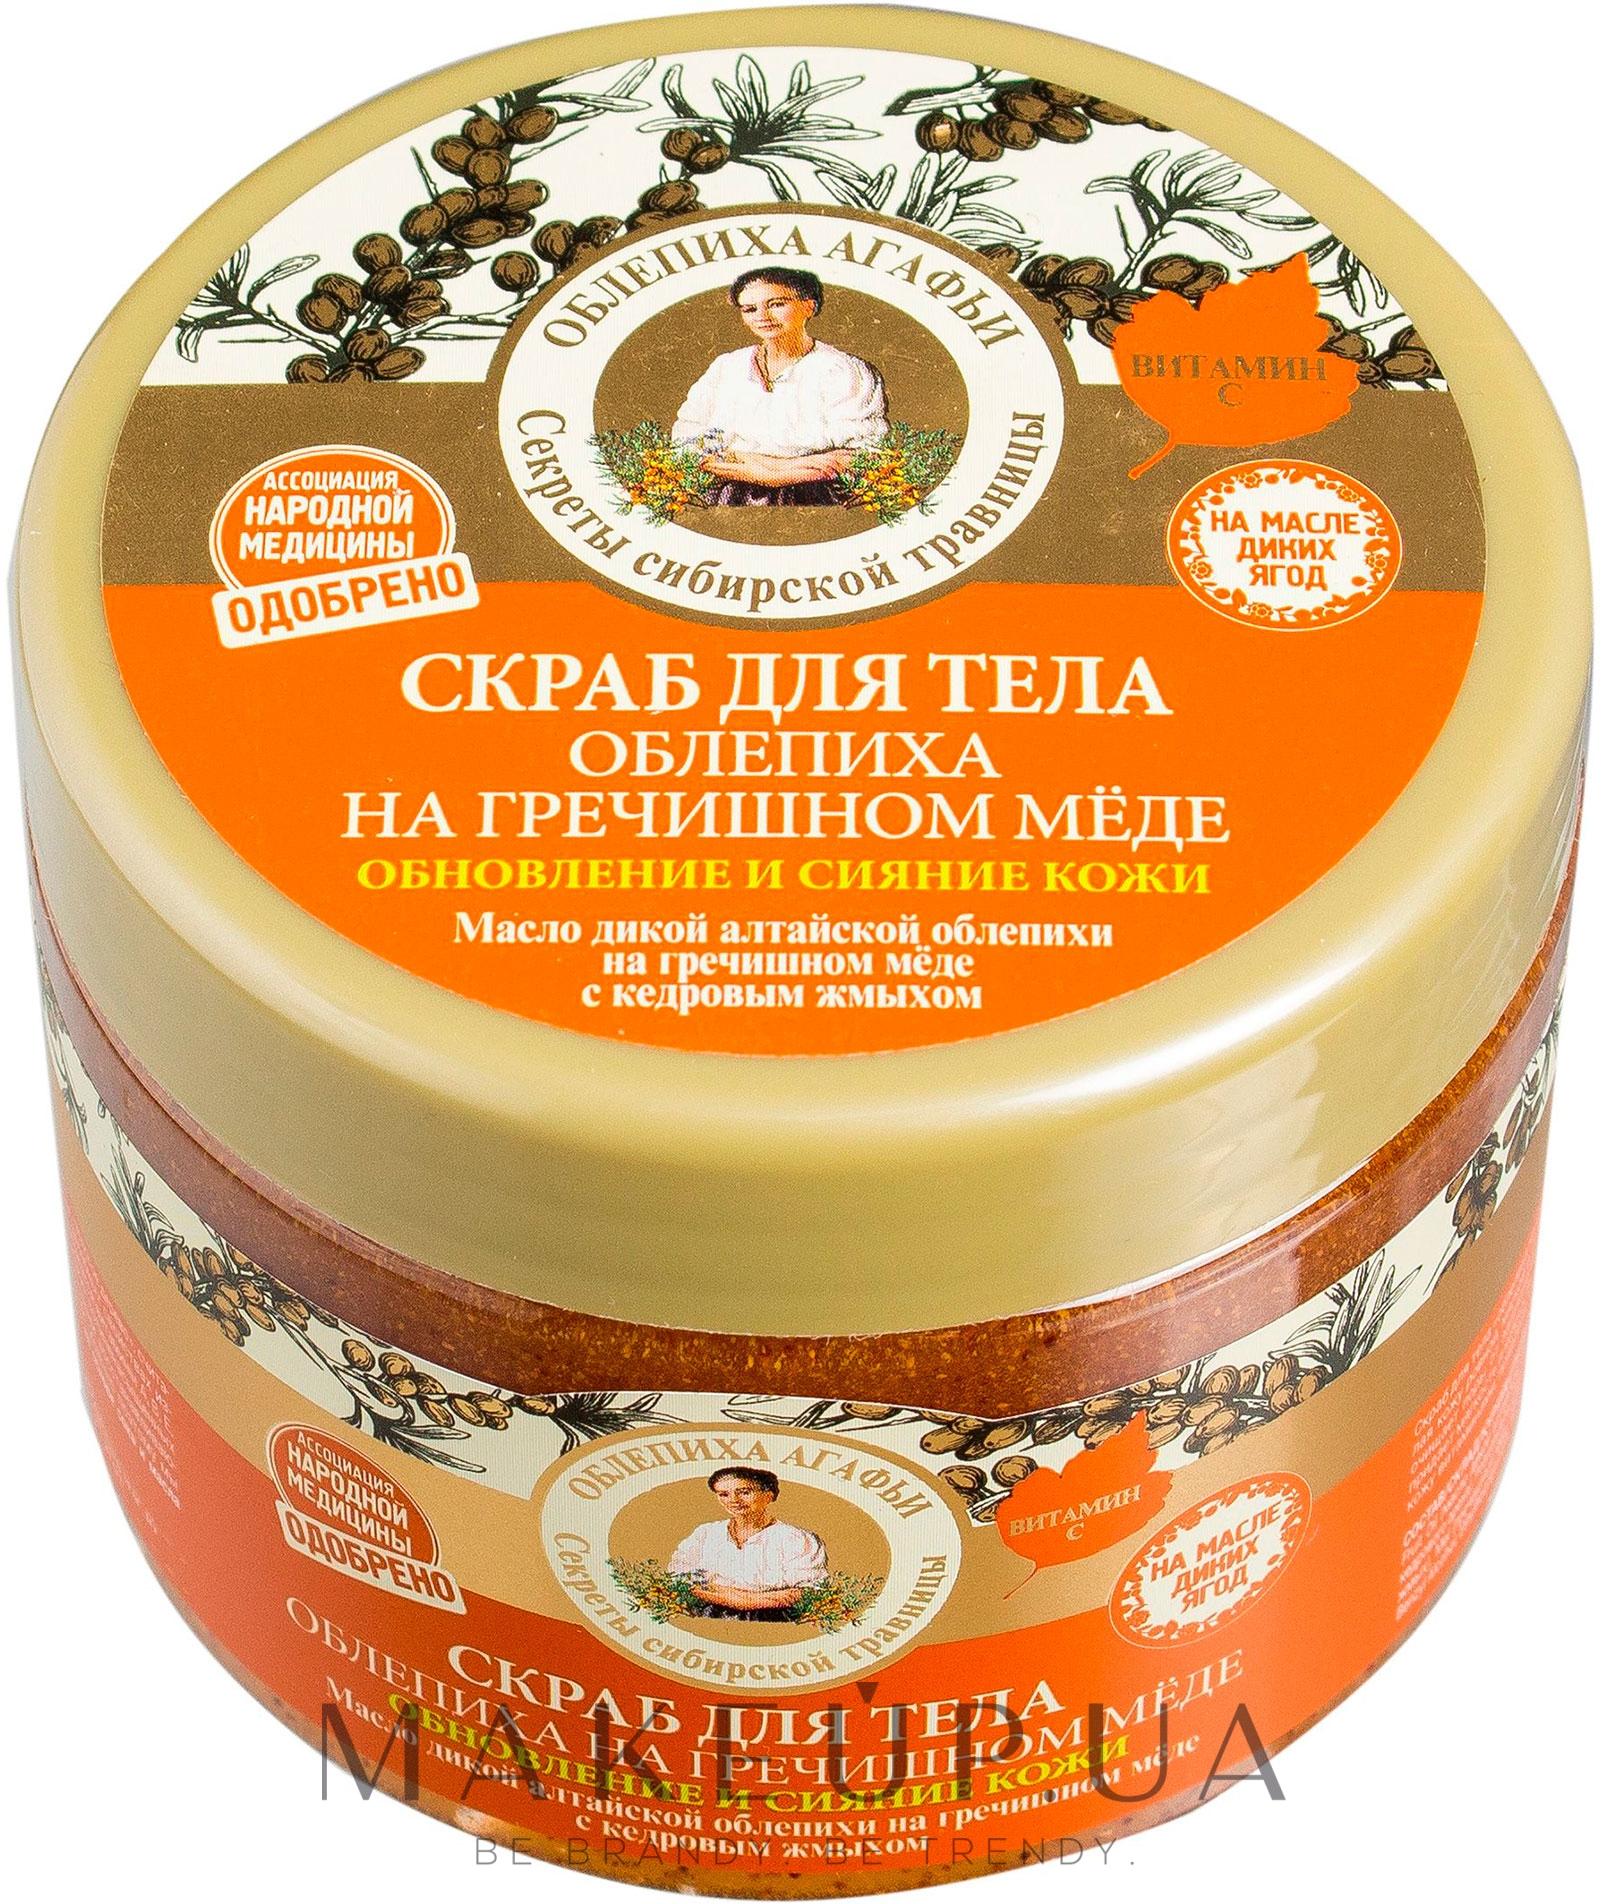 Купить косметику бабушки агафьи в украине косметика wet n wild где можно купить